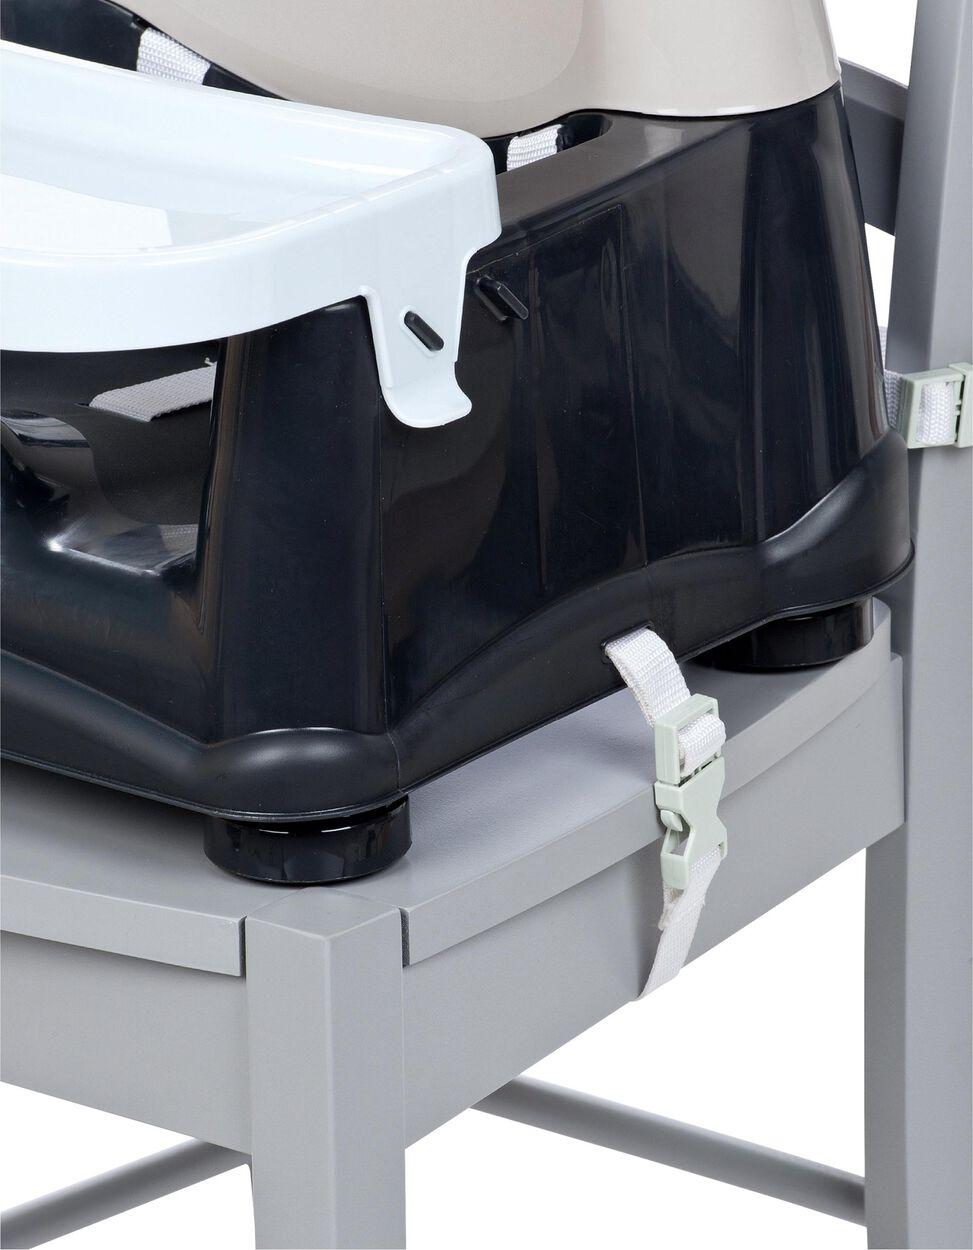 Cadeira Refeição Easycare Safety 1St